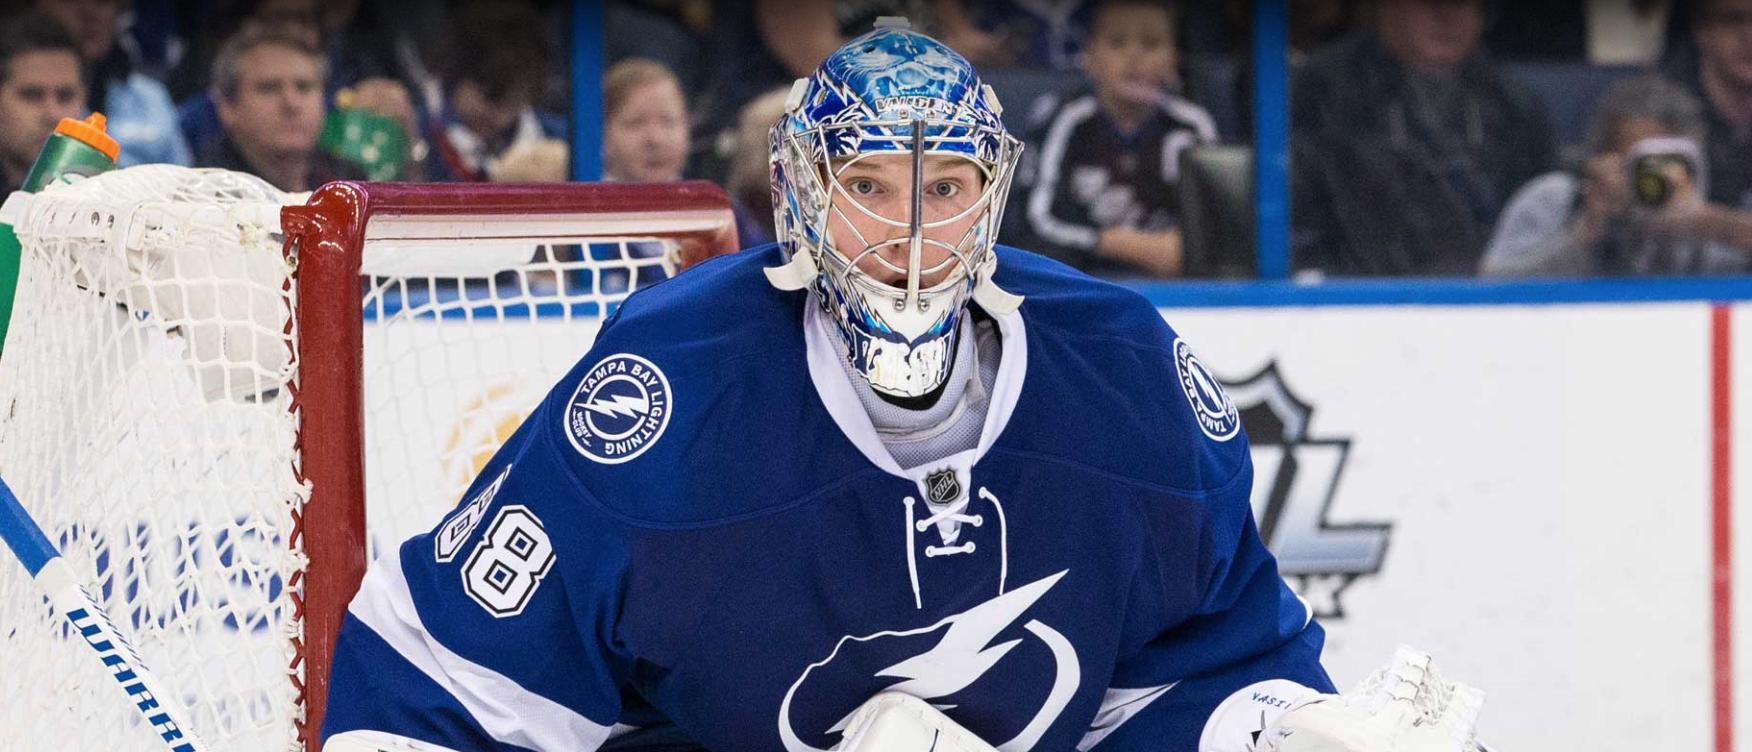 Вратарь, которого не ждали: как россиянин стал героем дня в НХЛ